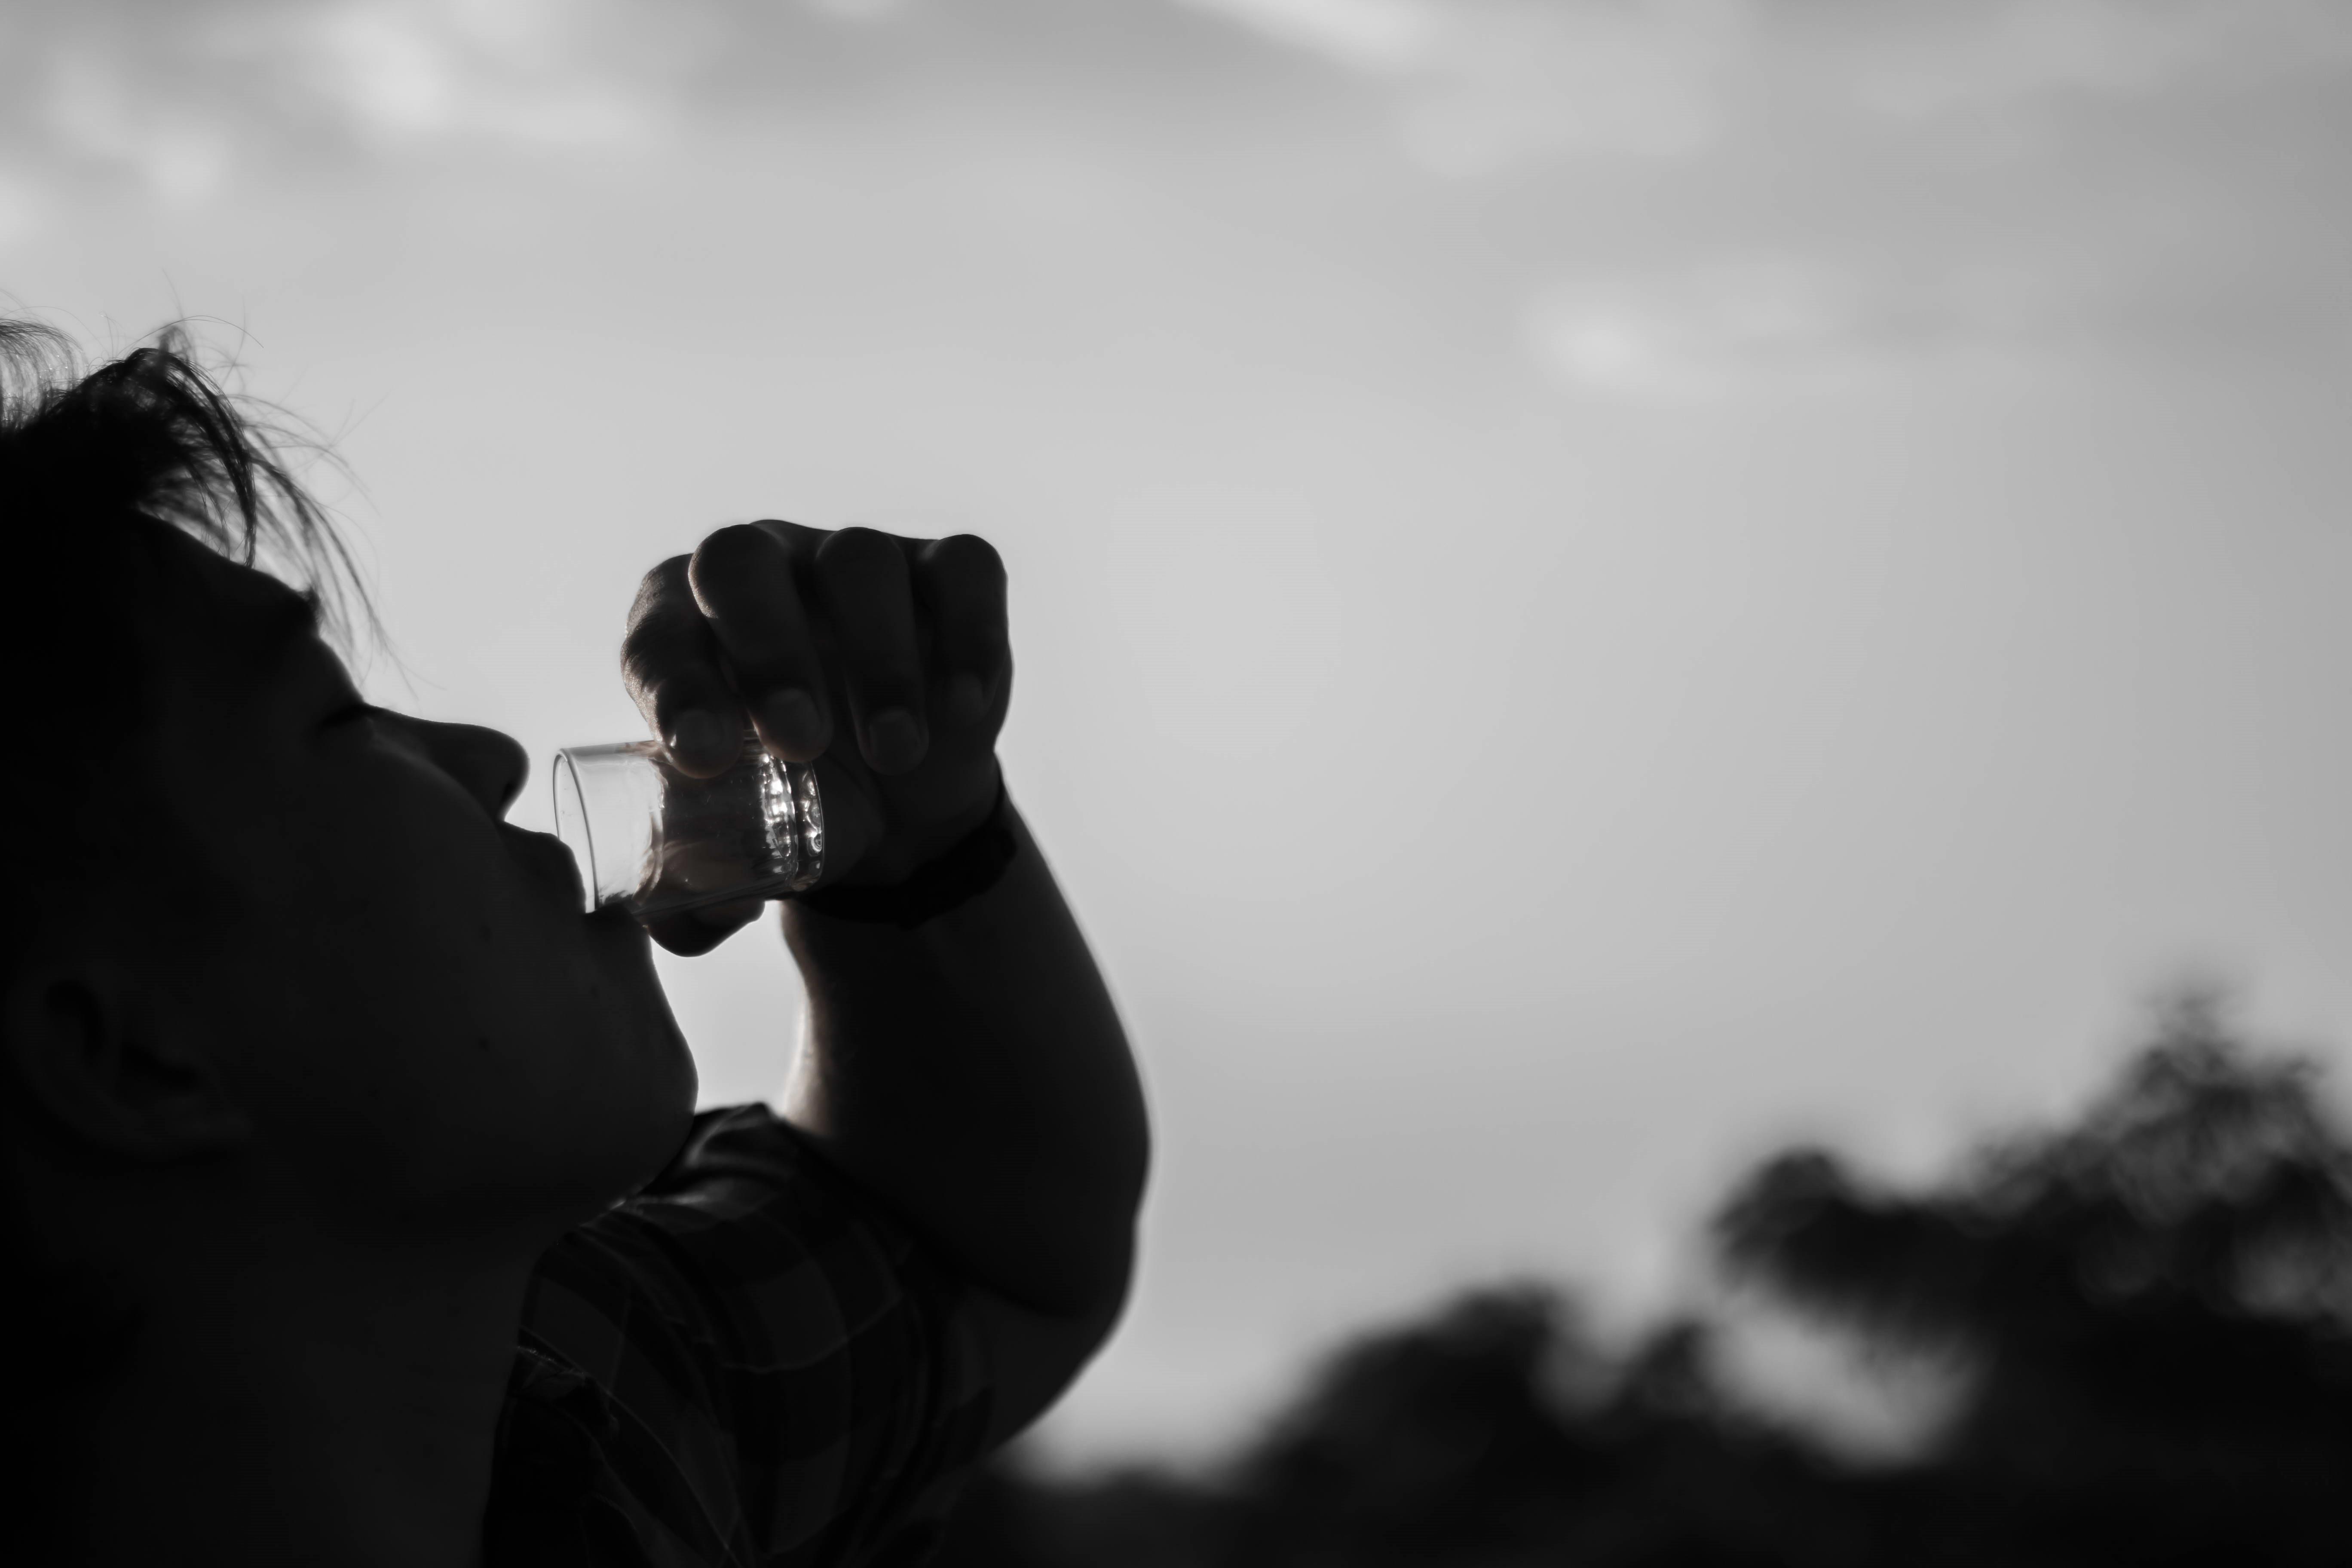 Ám ảnh bia rượu: Chuyện kể từ nhà xác và bệnh viện tâm thần Ảnh 1